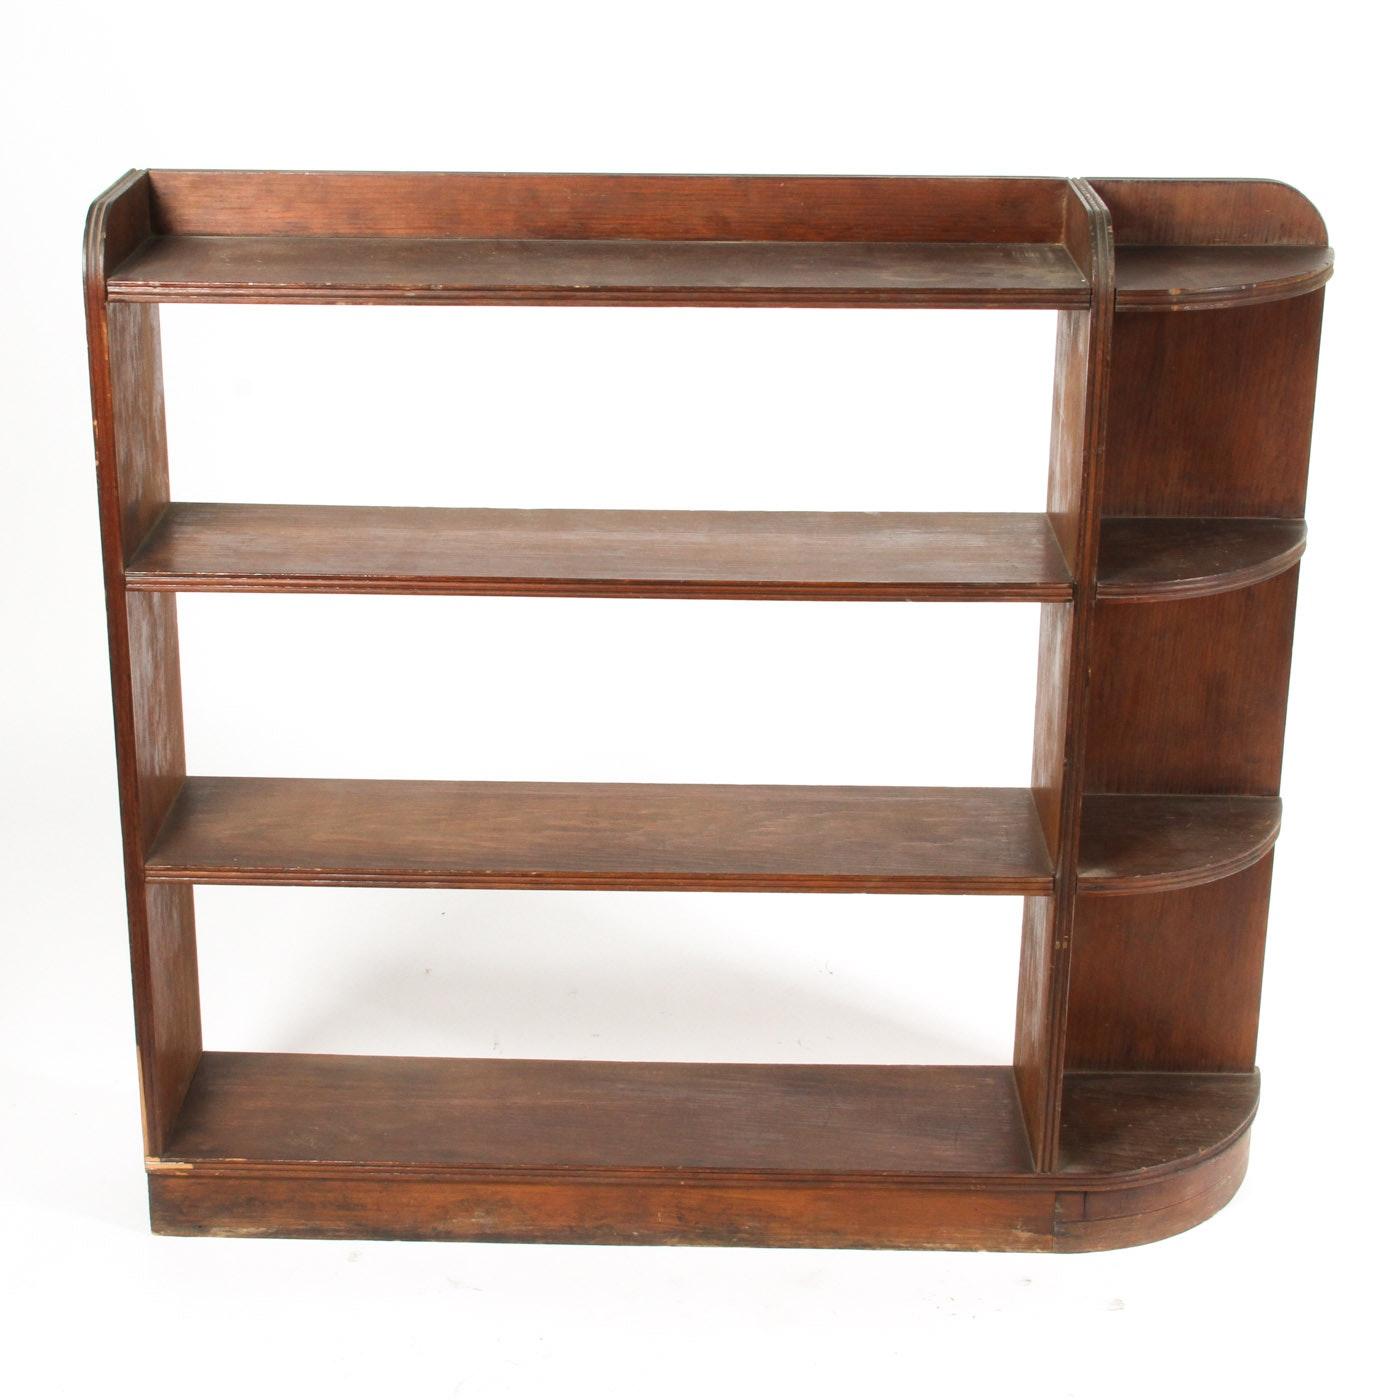 1930s Deco Style Bookshelf